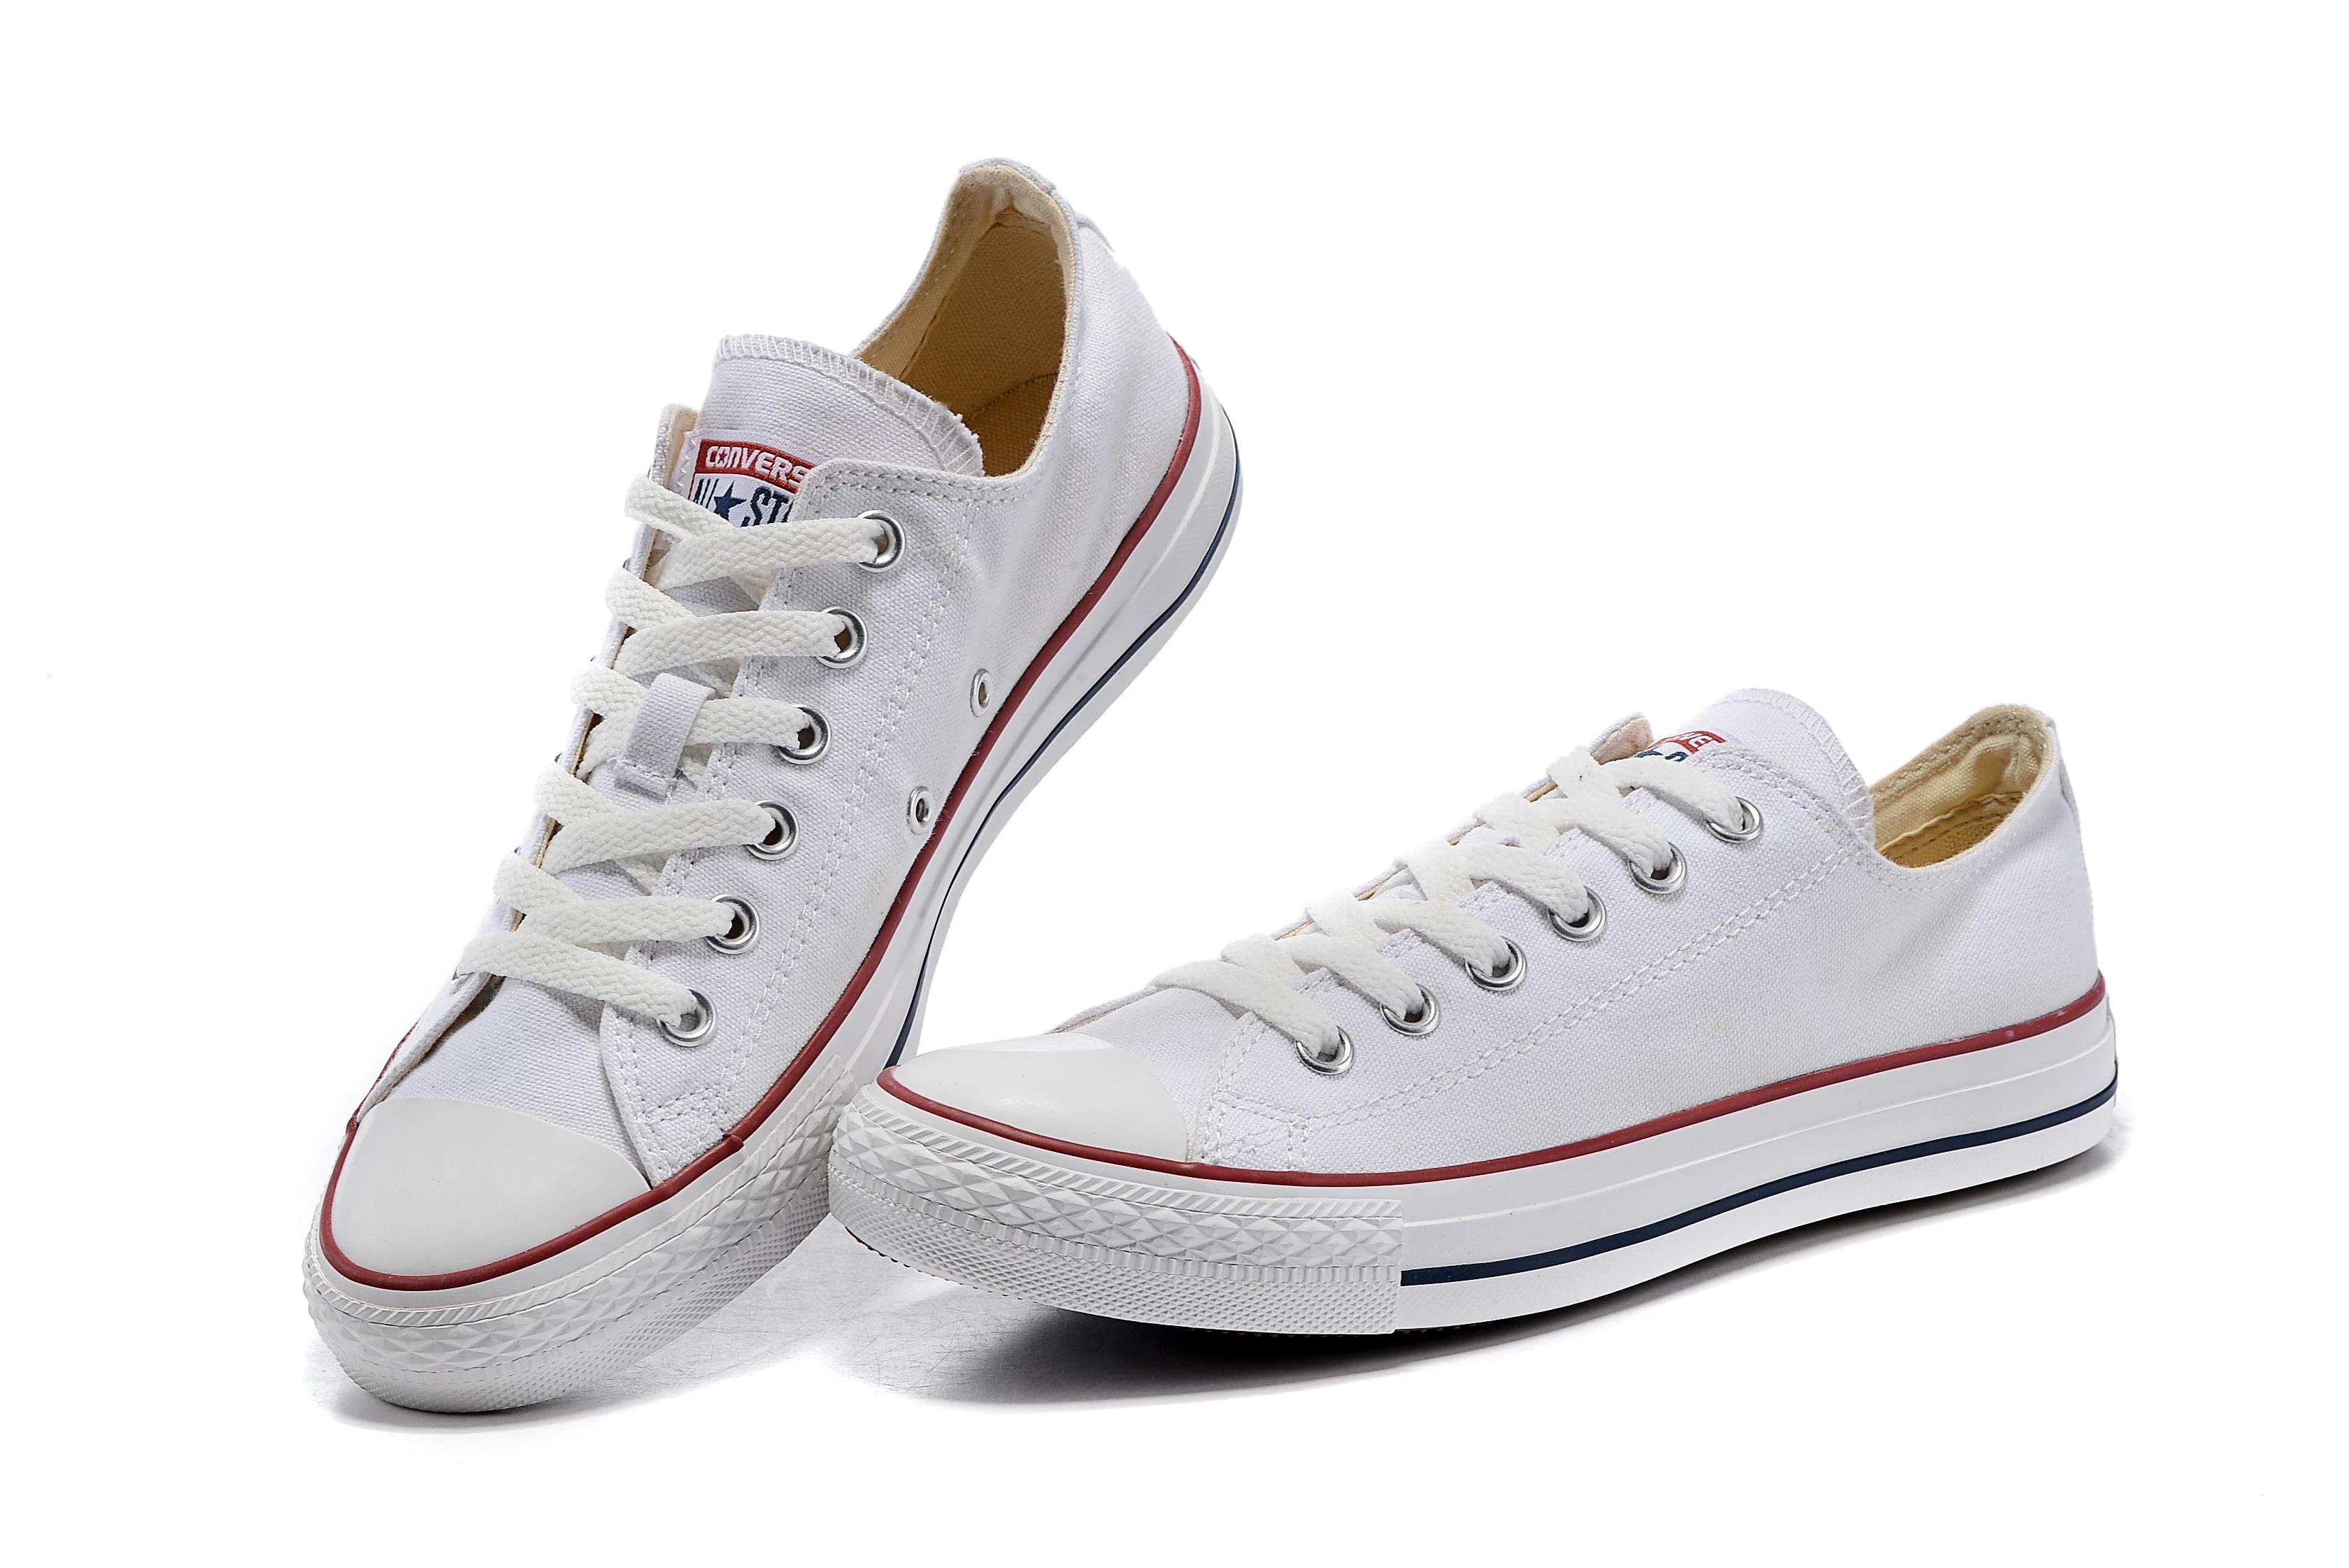 Zapatillas deportivas de lona para hombre y mujer y calzado Unisex cómodo...